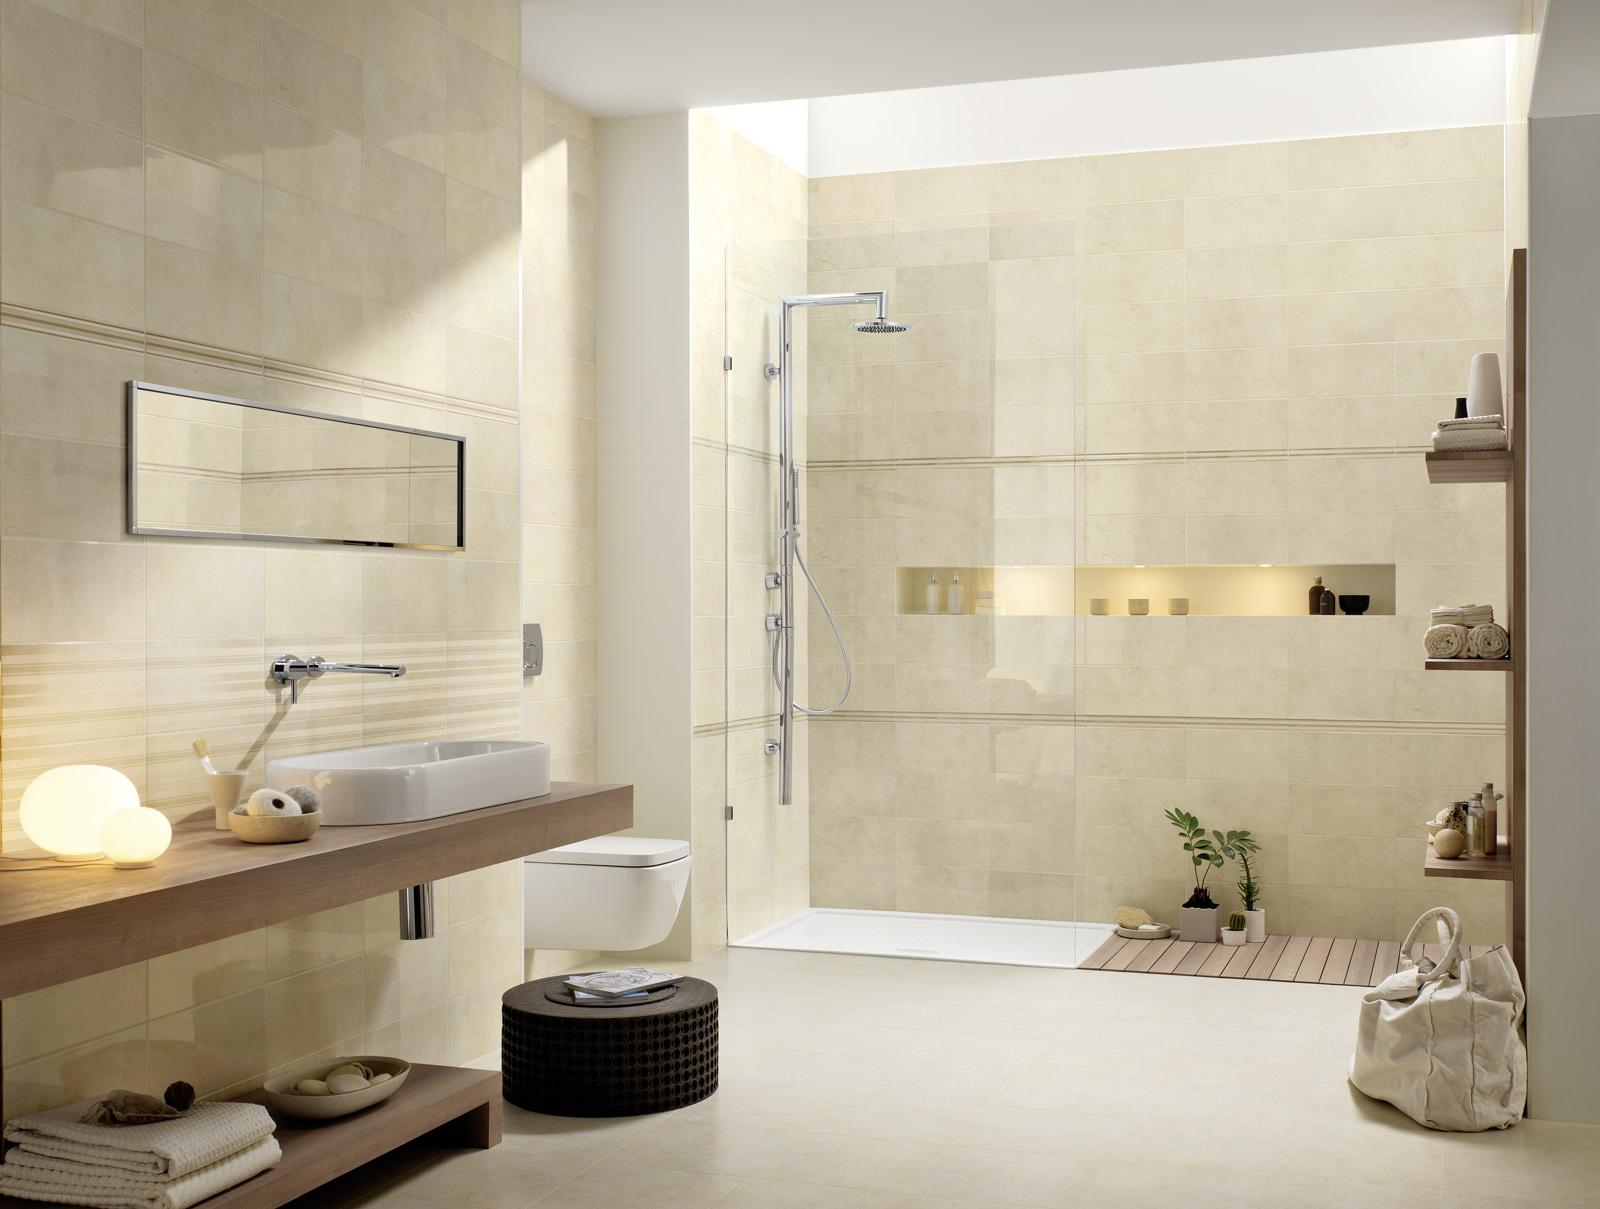 Suite ceramica lucida effetto marmo marazzi - Ceramiche per bagno marazzi ...